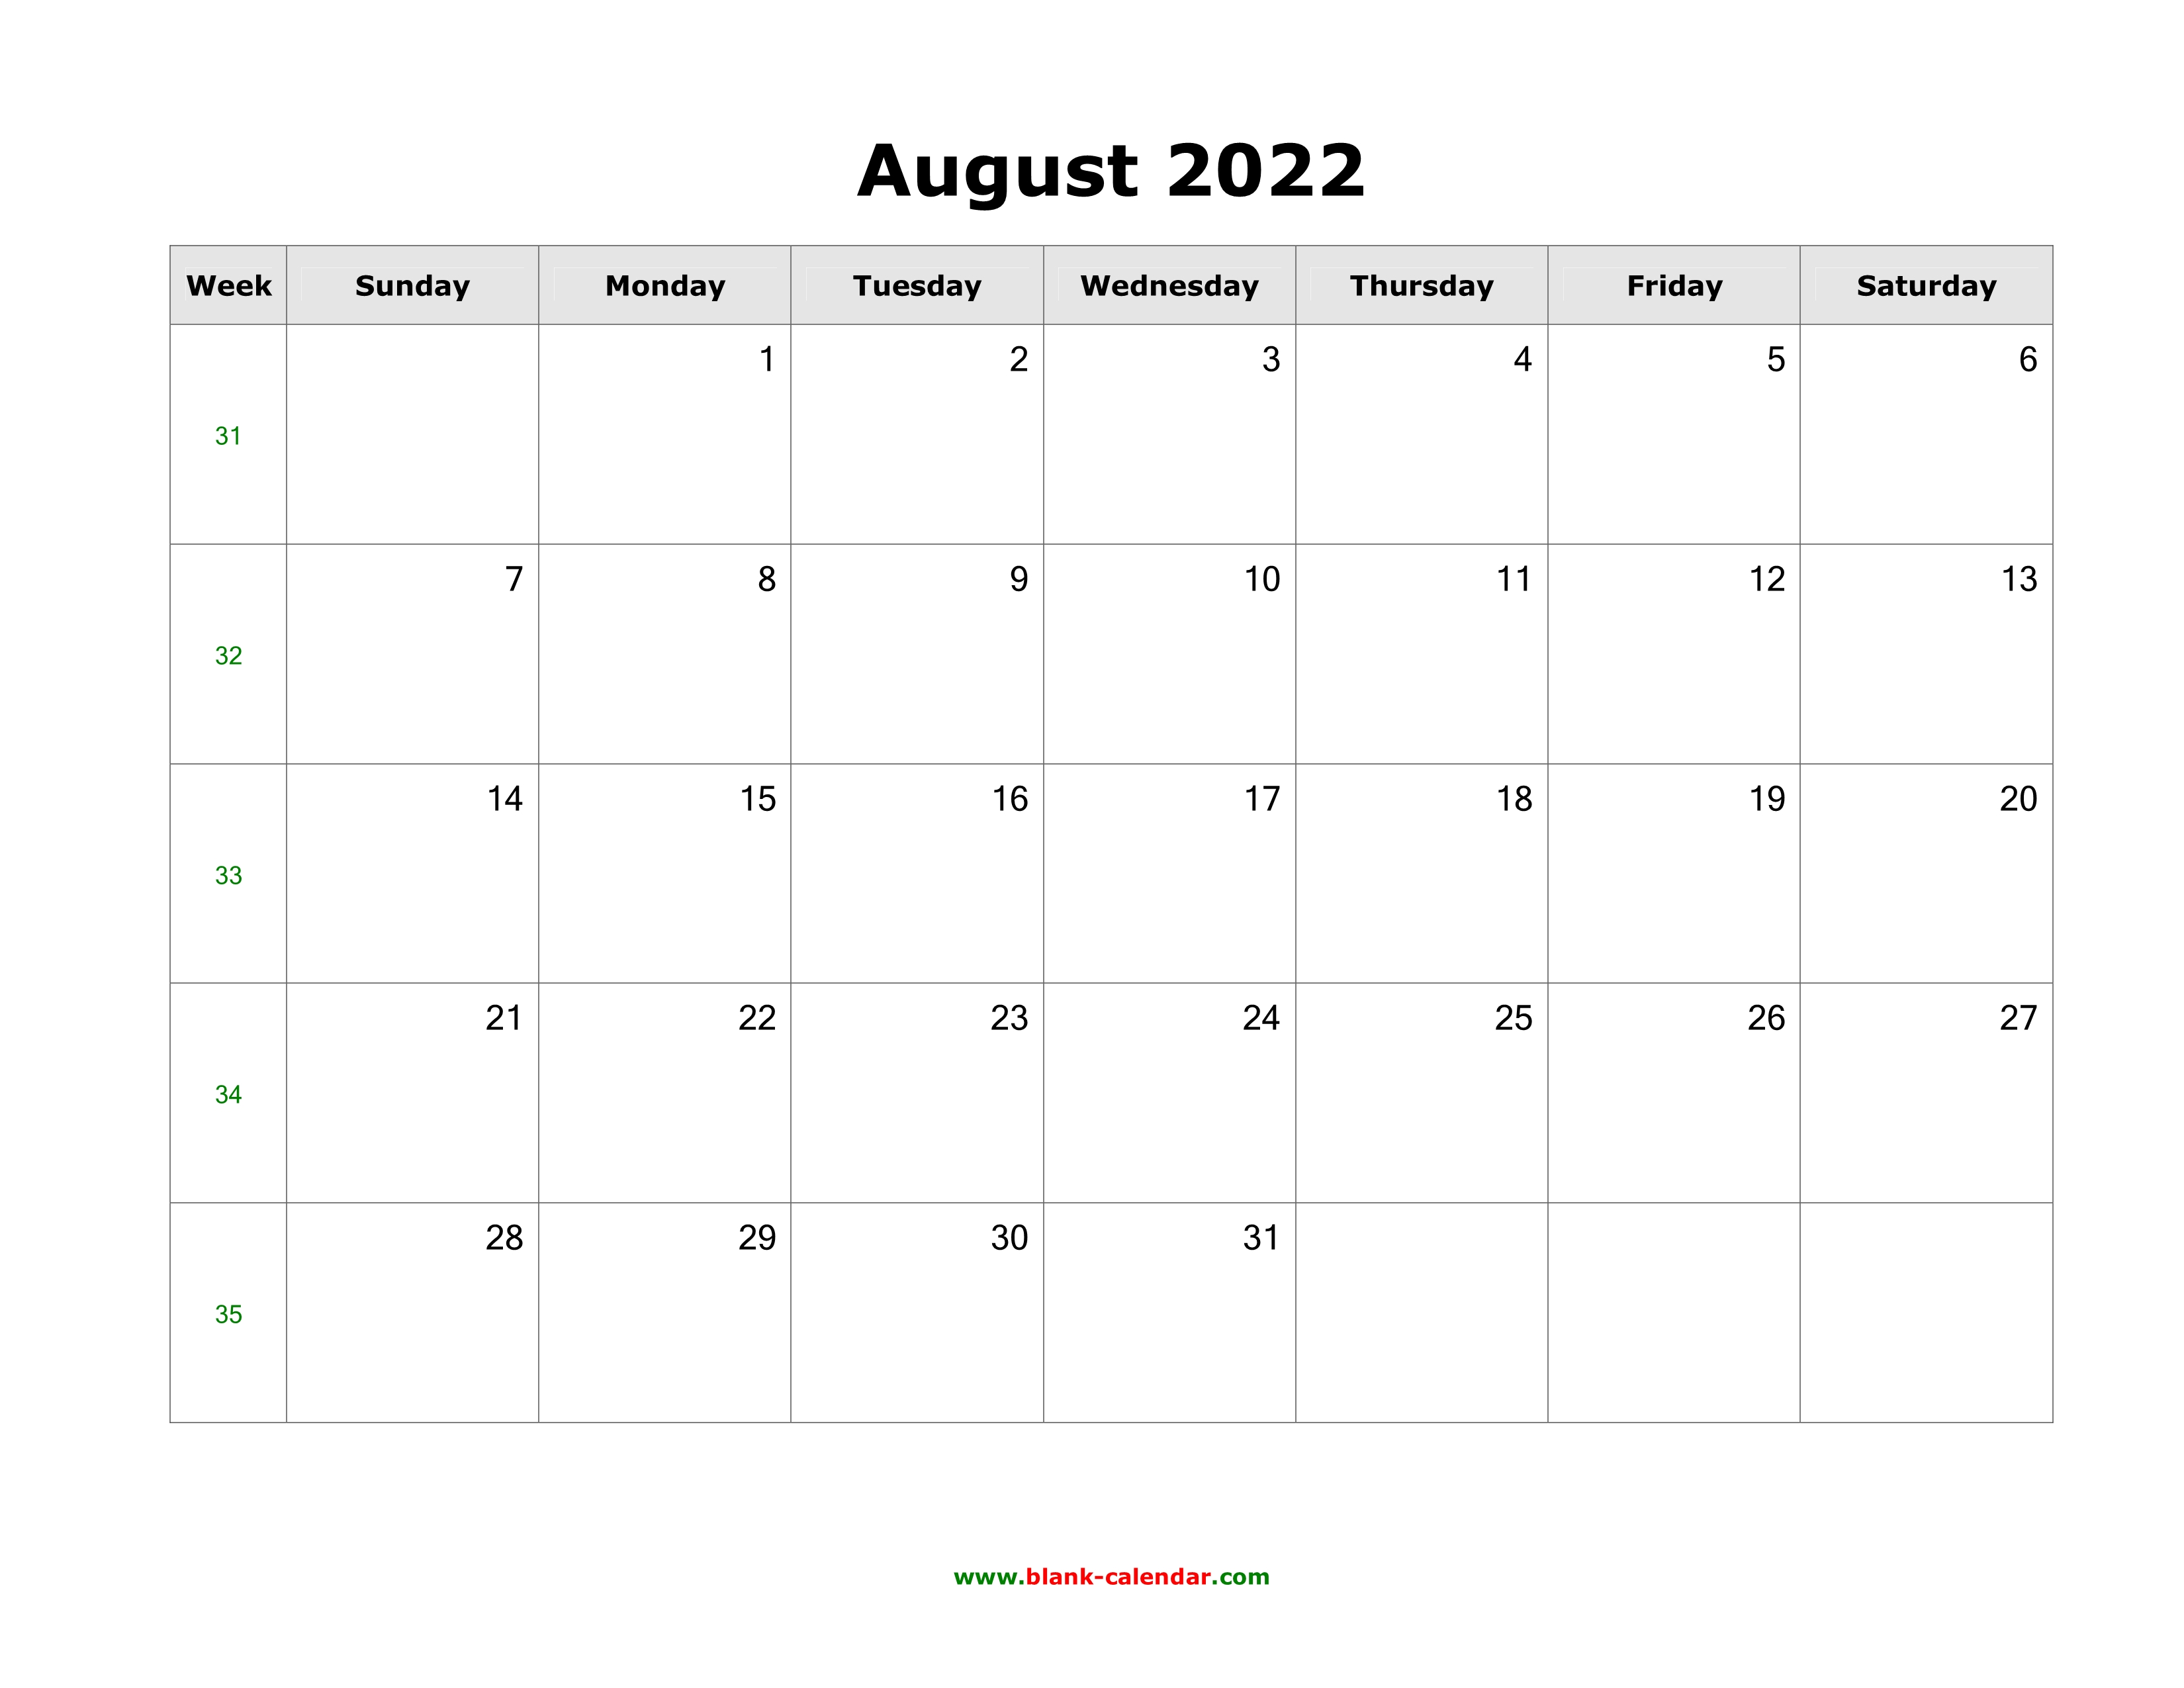 Blank Calendar 2022 August.Download August 2022 Blank Calendar Horizontal